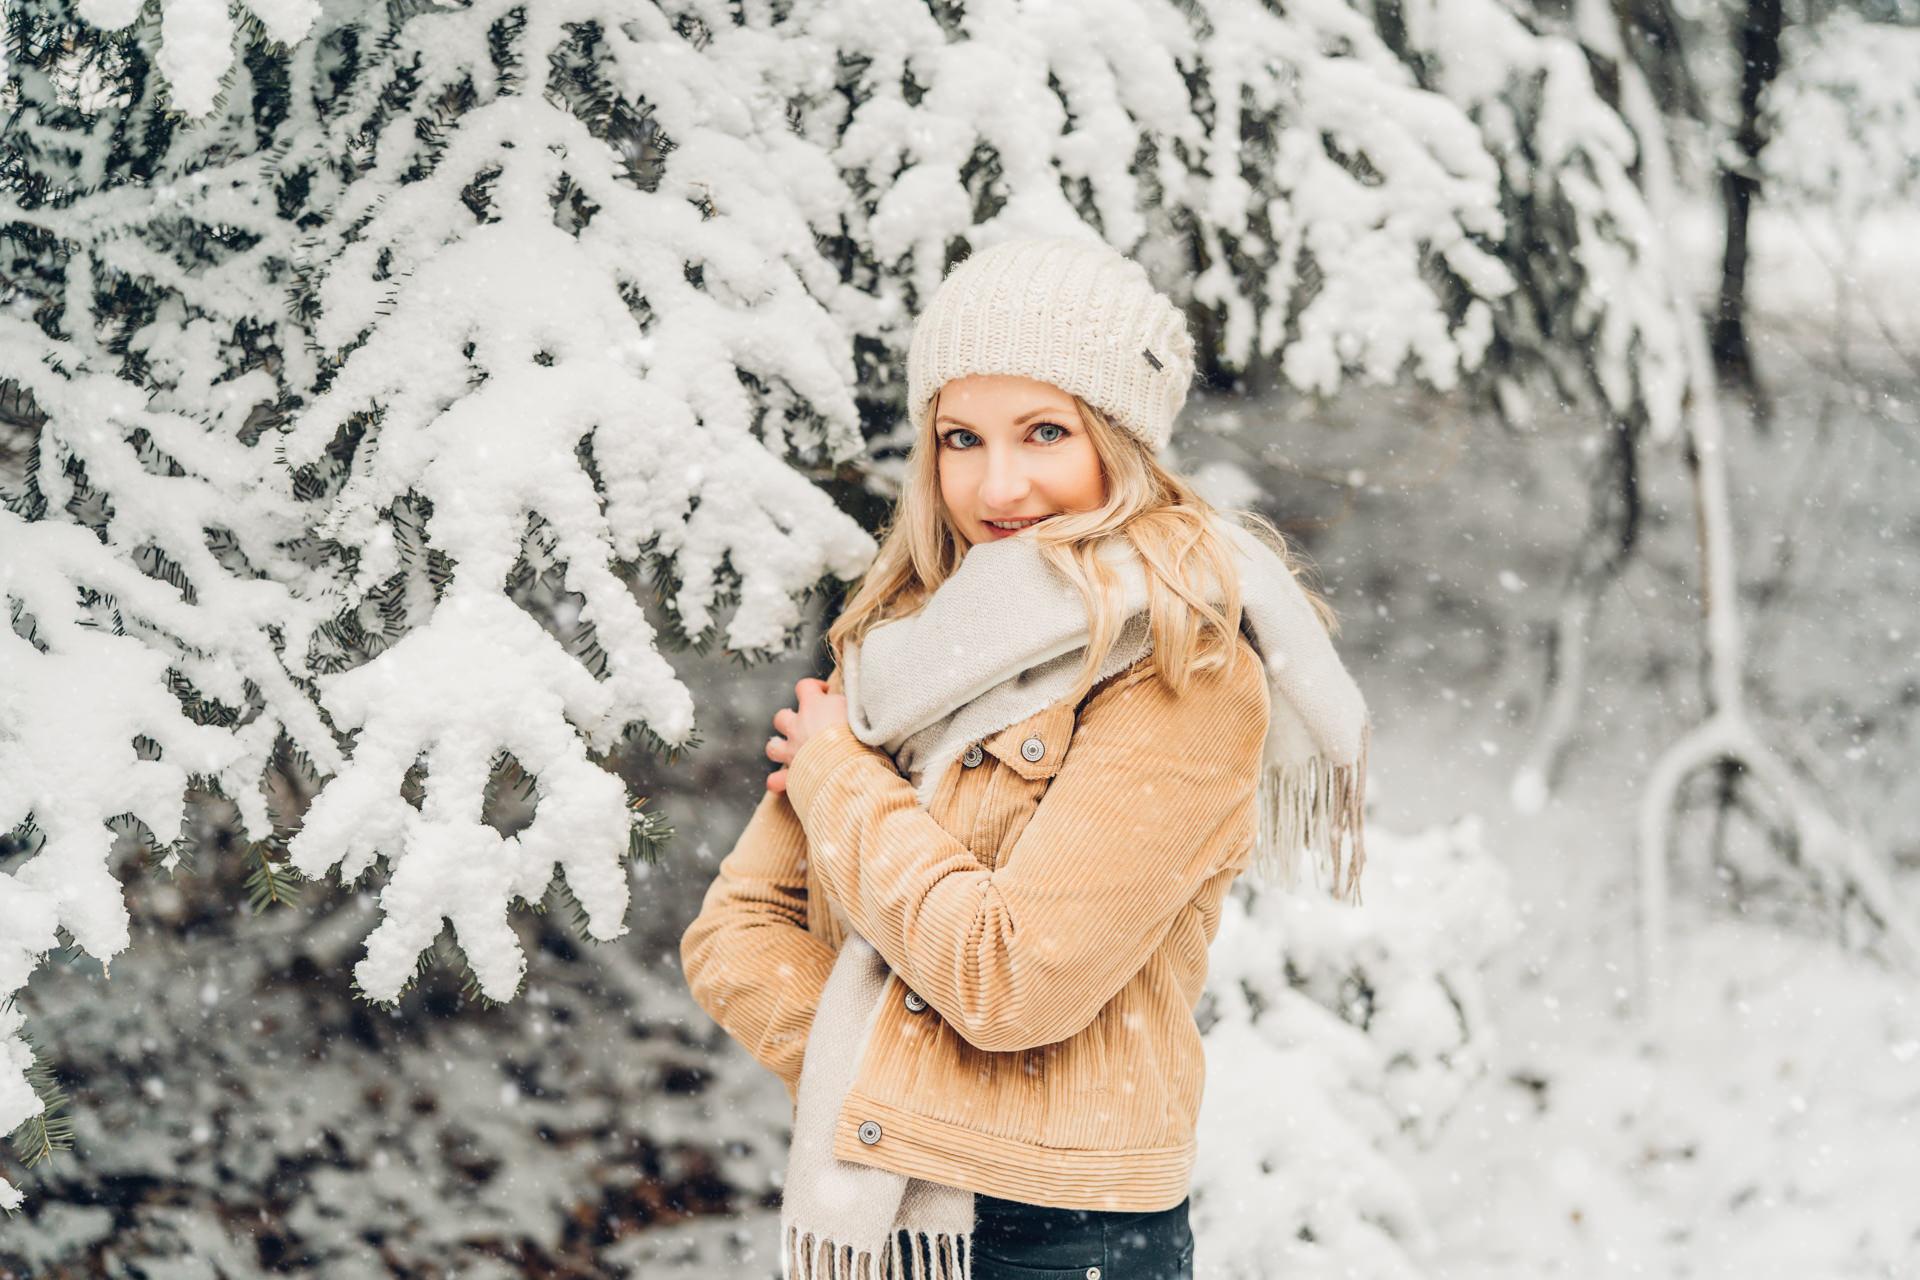 Portraits im Schnee